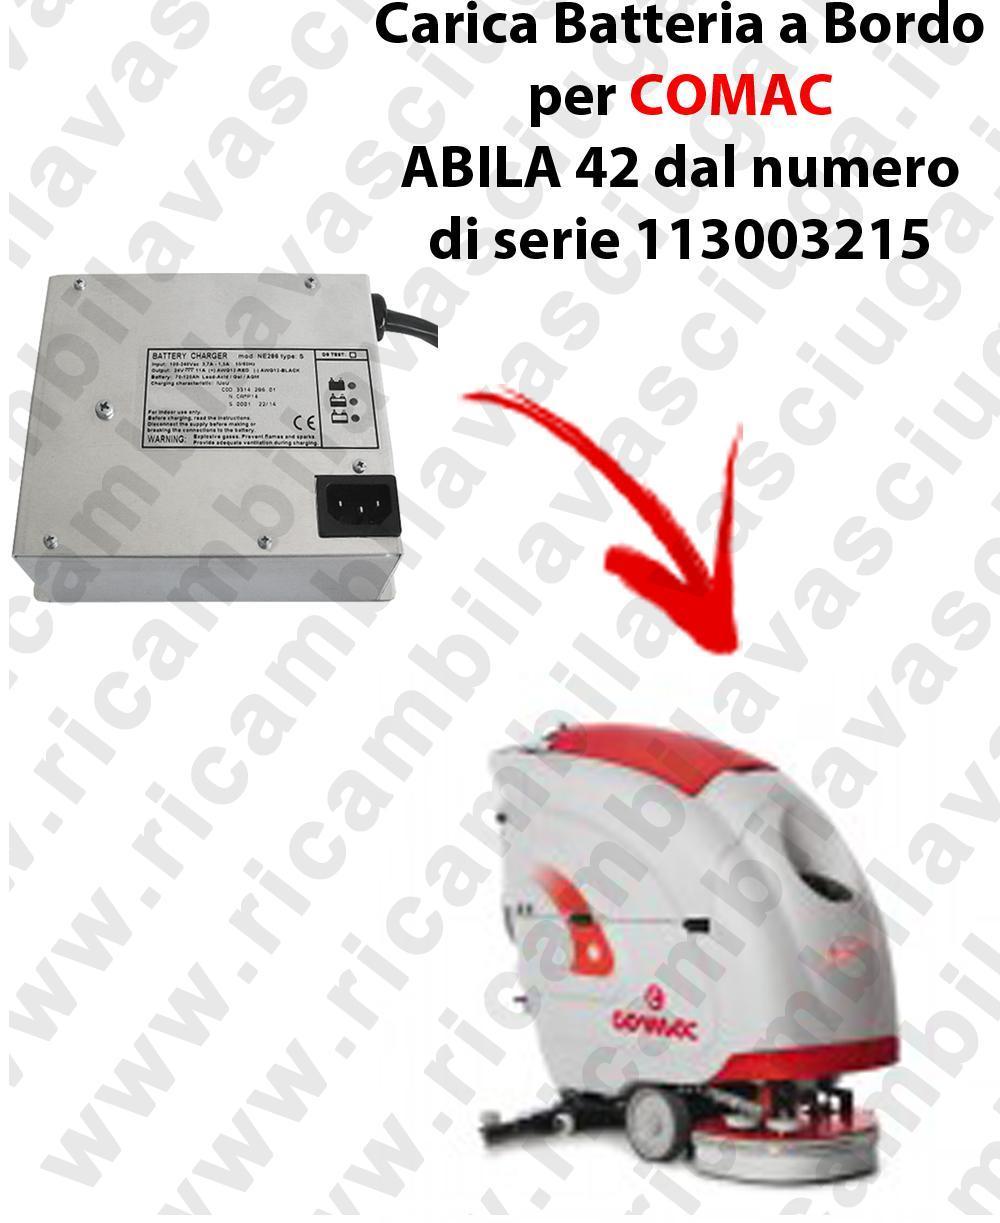 Carica Batteria a Bordo para fregadora COMAC ABILA 42 dal numero di serie 113003215